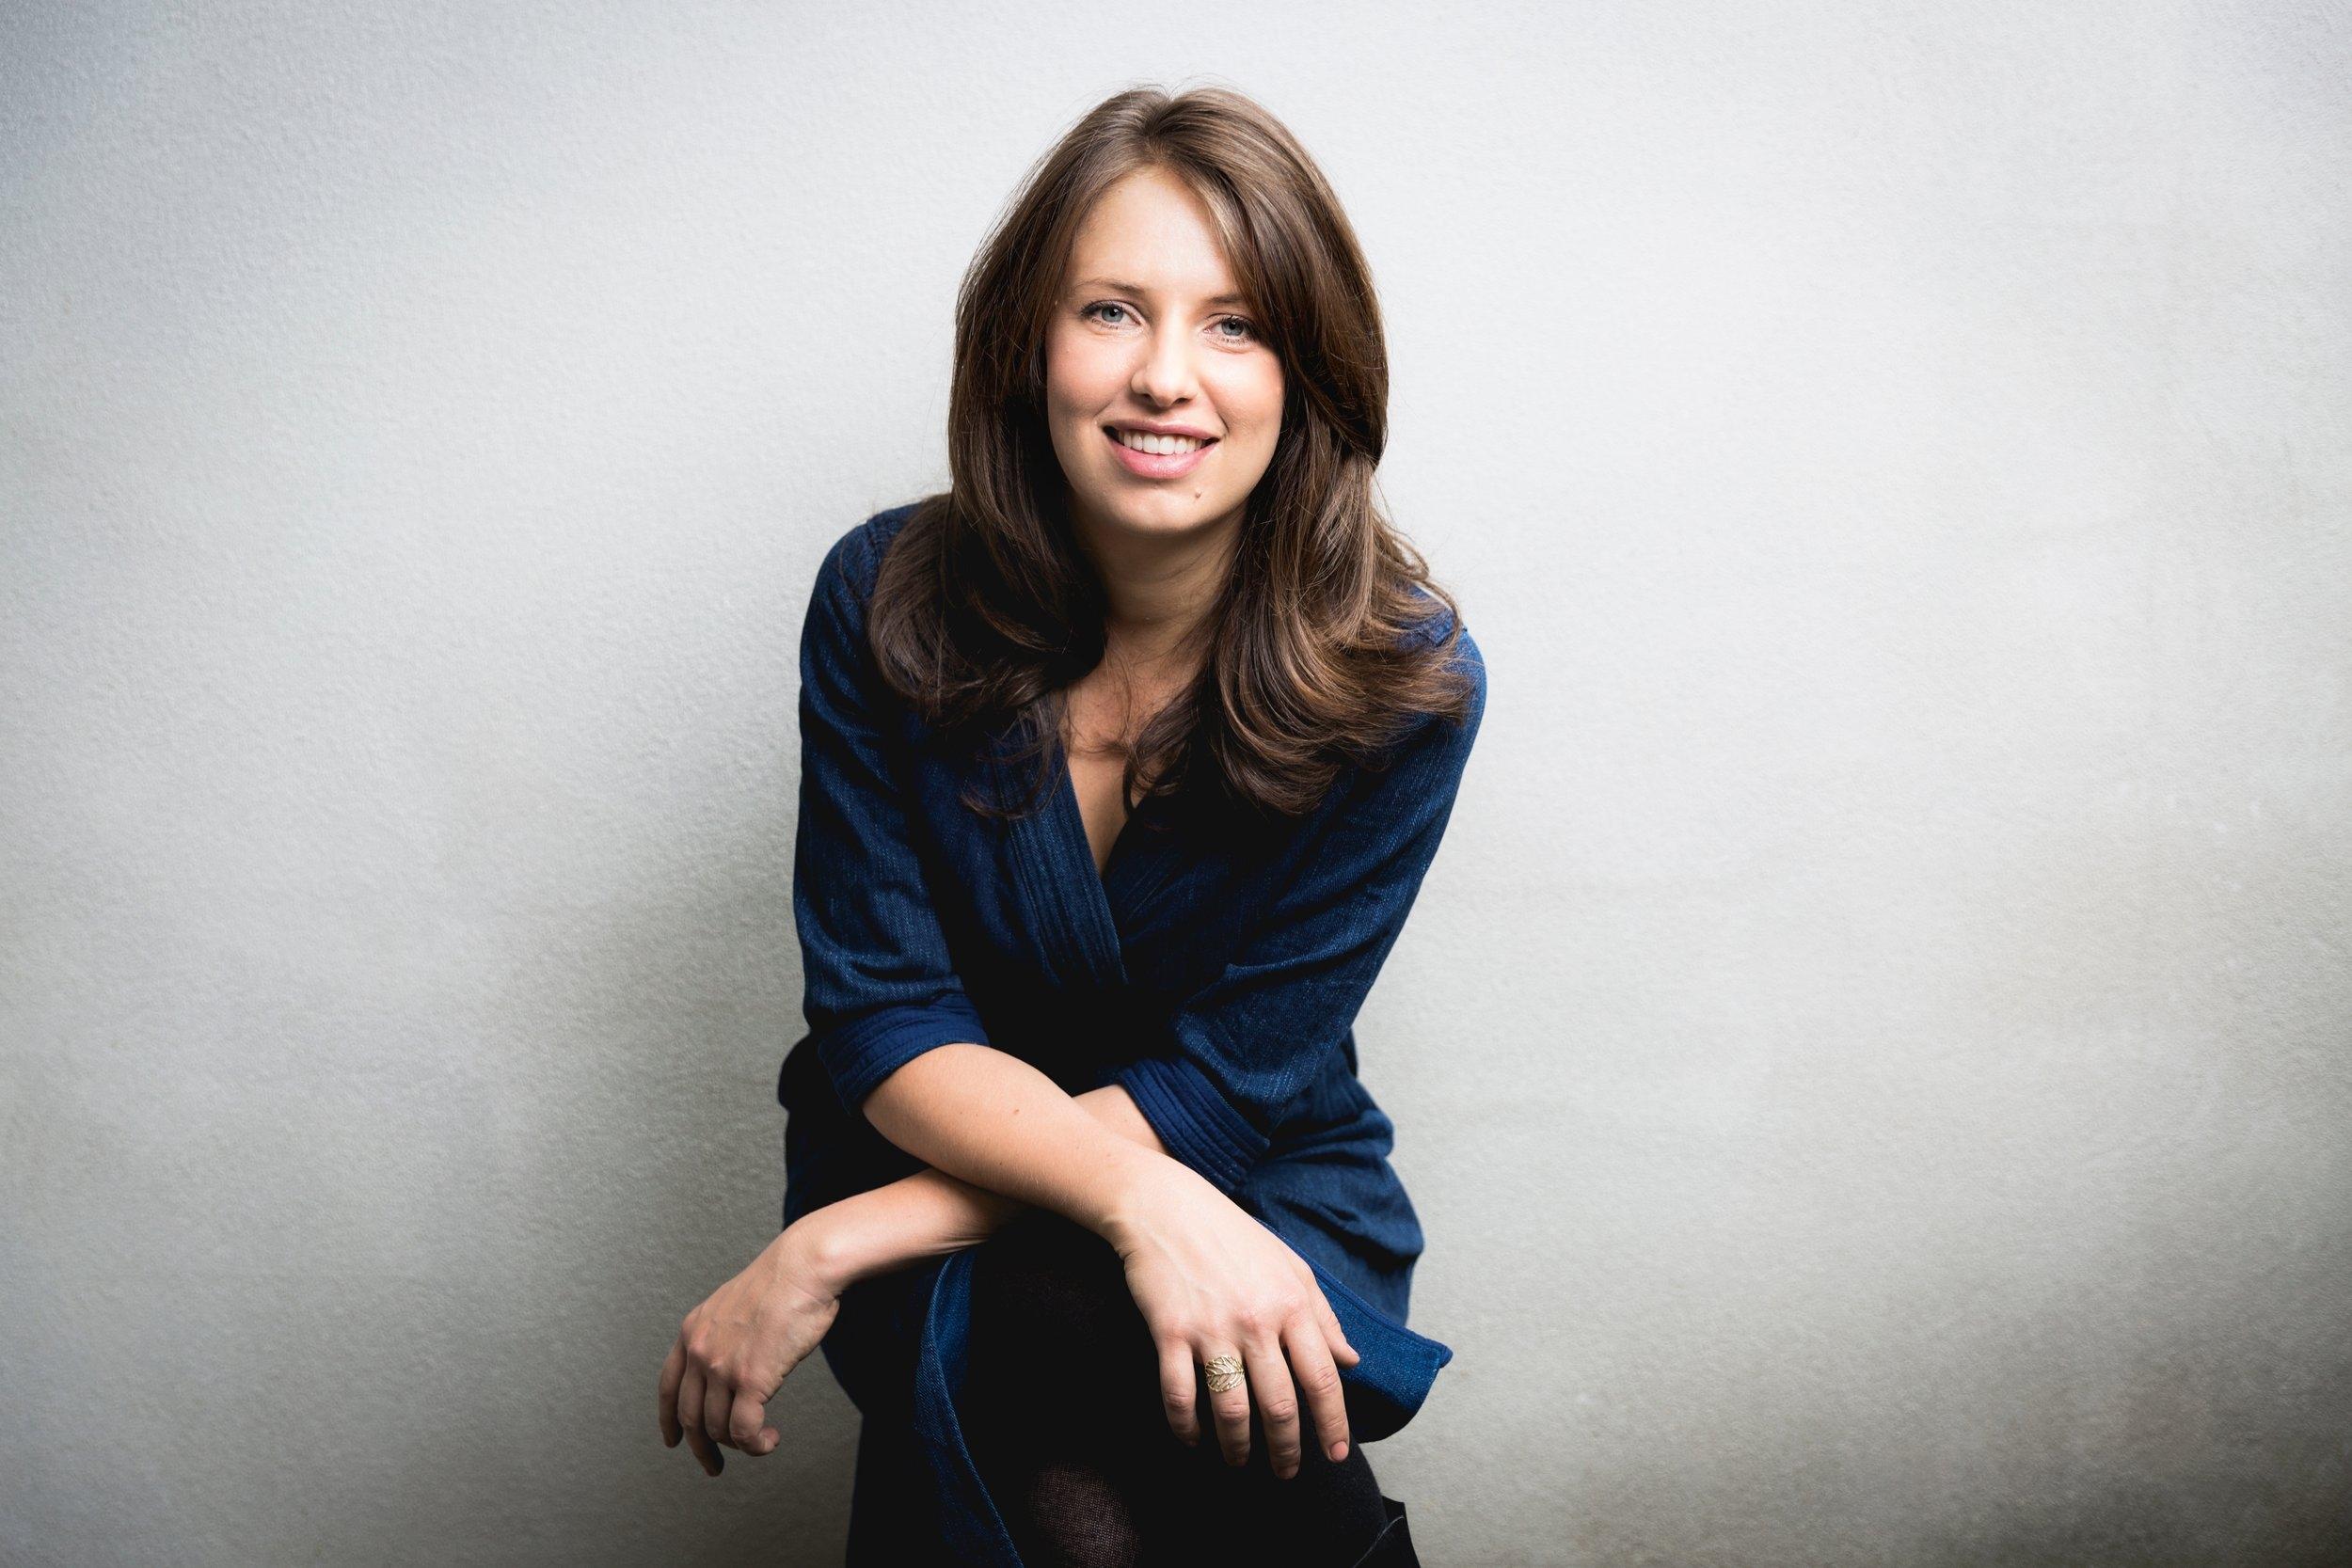 Lizette Botha - Chiropractor / Owner